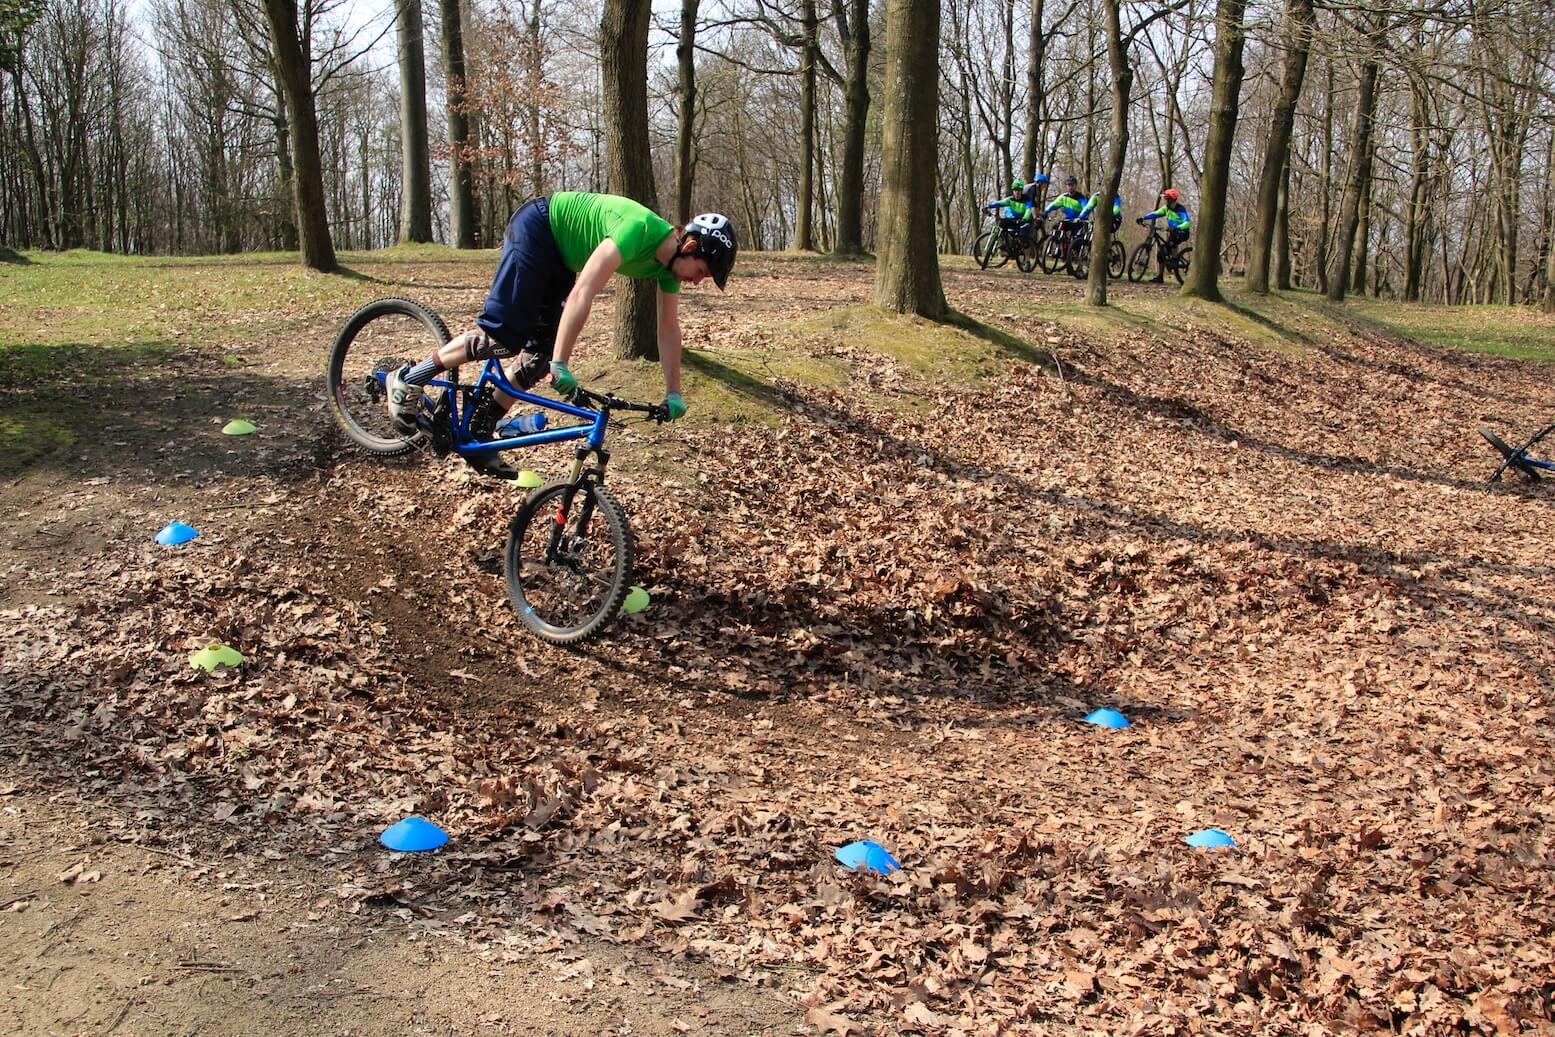 Hinterrad-versetzen-lernen-Fahrtechnik-Kurs-fuer-Serpentinen-Kehren-Rock-my-Trail-Bikeschule-9